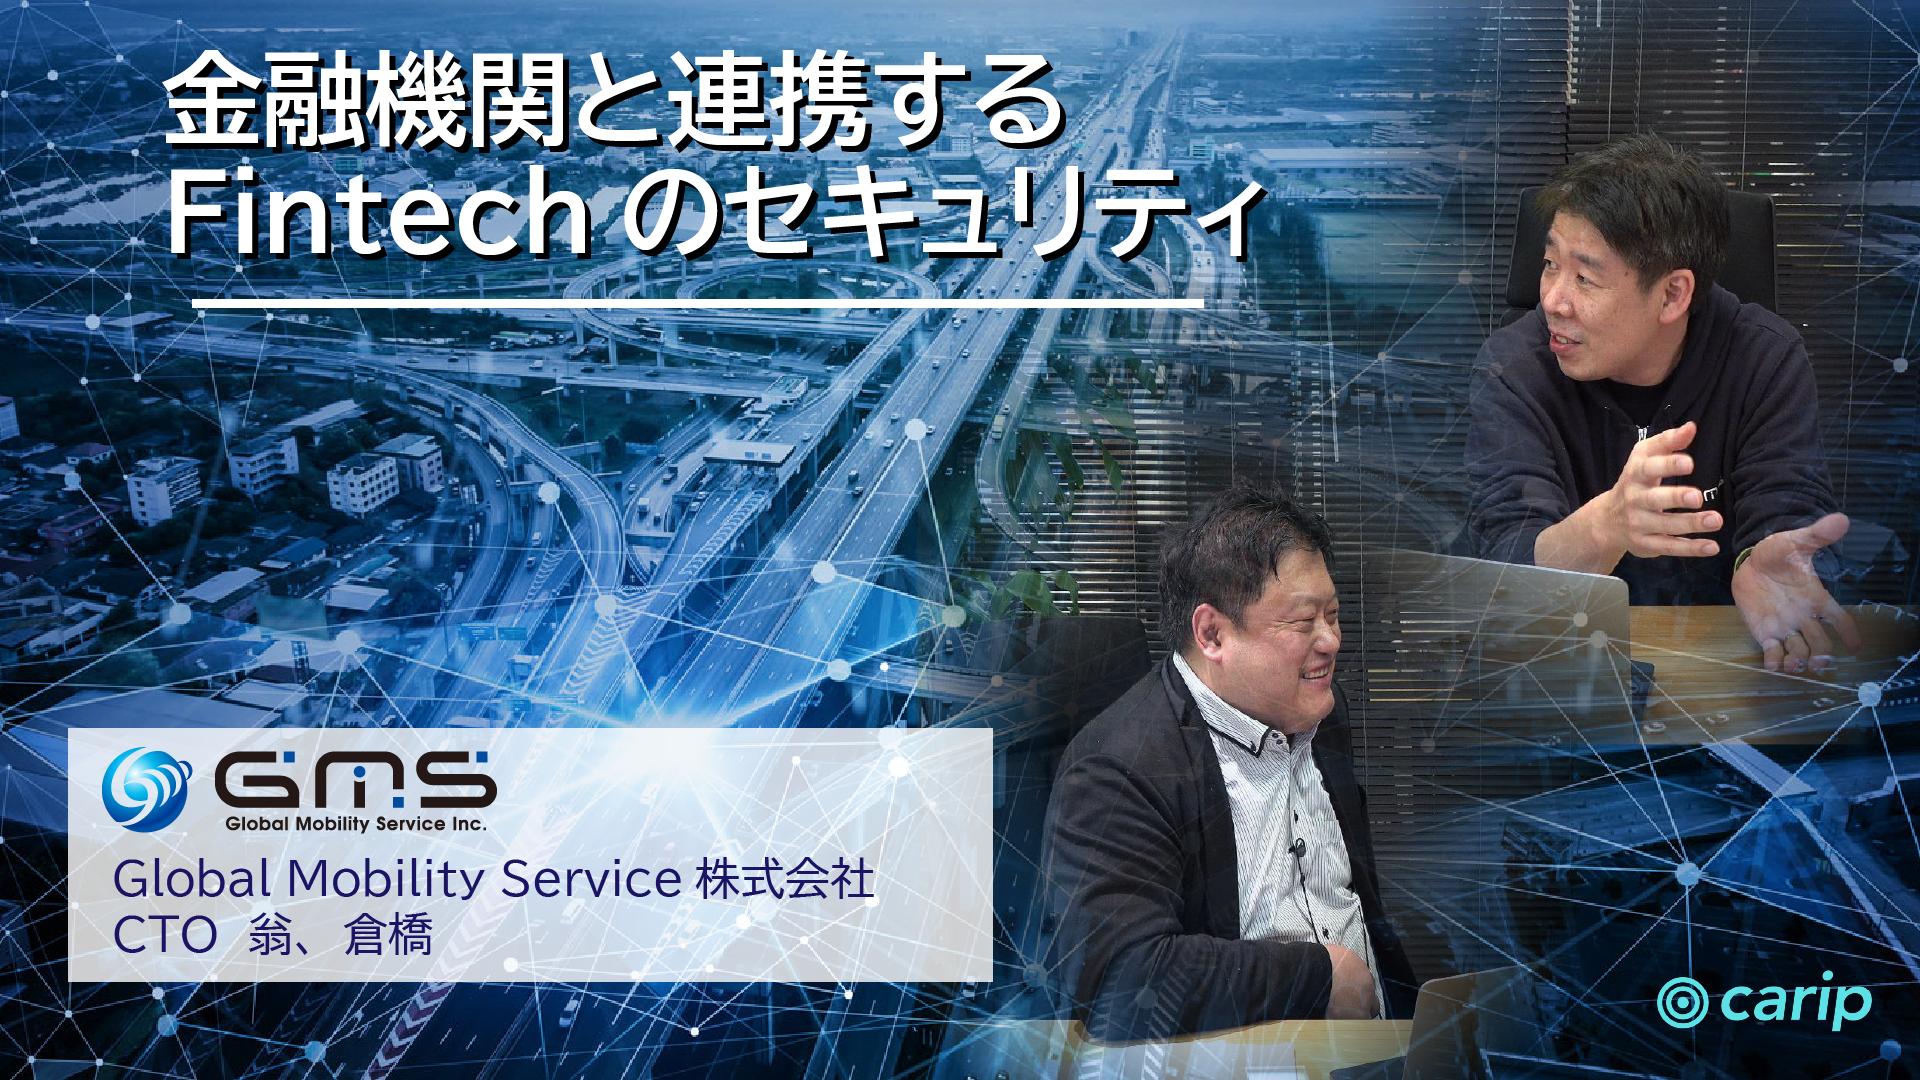 金融機関と連携するFintechのセキュリティ